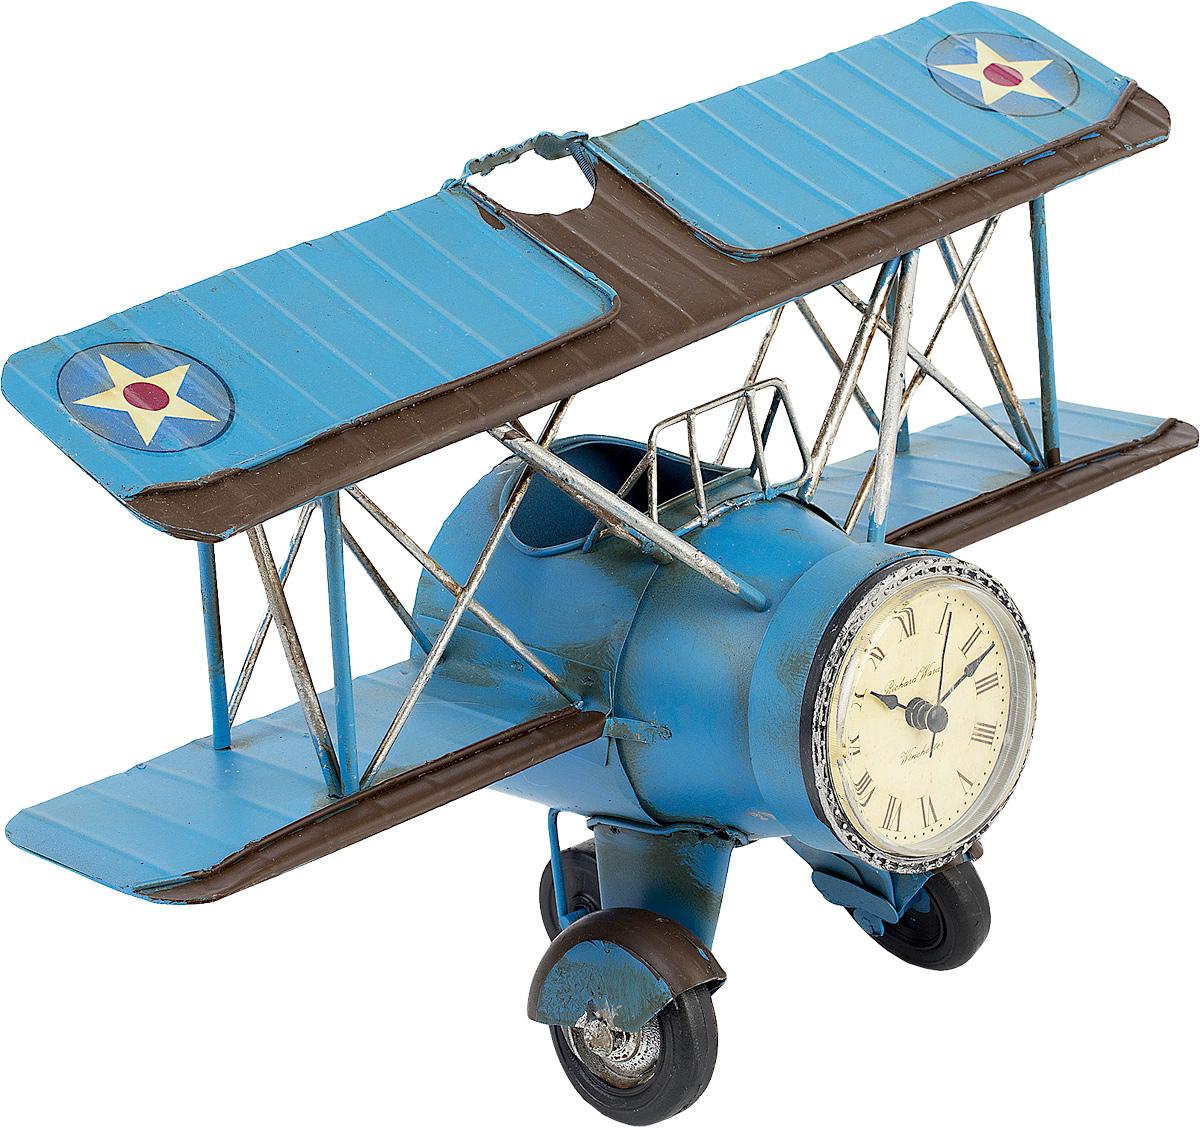 Подставка для ручек Platinum Часы. АэропланFS-00103Подставка для ручек Platinum Часы. Аэроплан, выполненная из металла, позволяет разместить достаточное количество ручек или карандашей и освободить пространство на вашем столе. Она оригинально украсит ваш письменный стол, не занимая при этом много места.